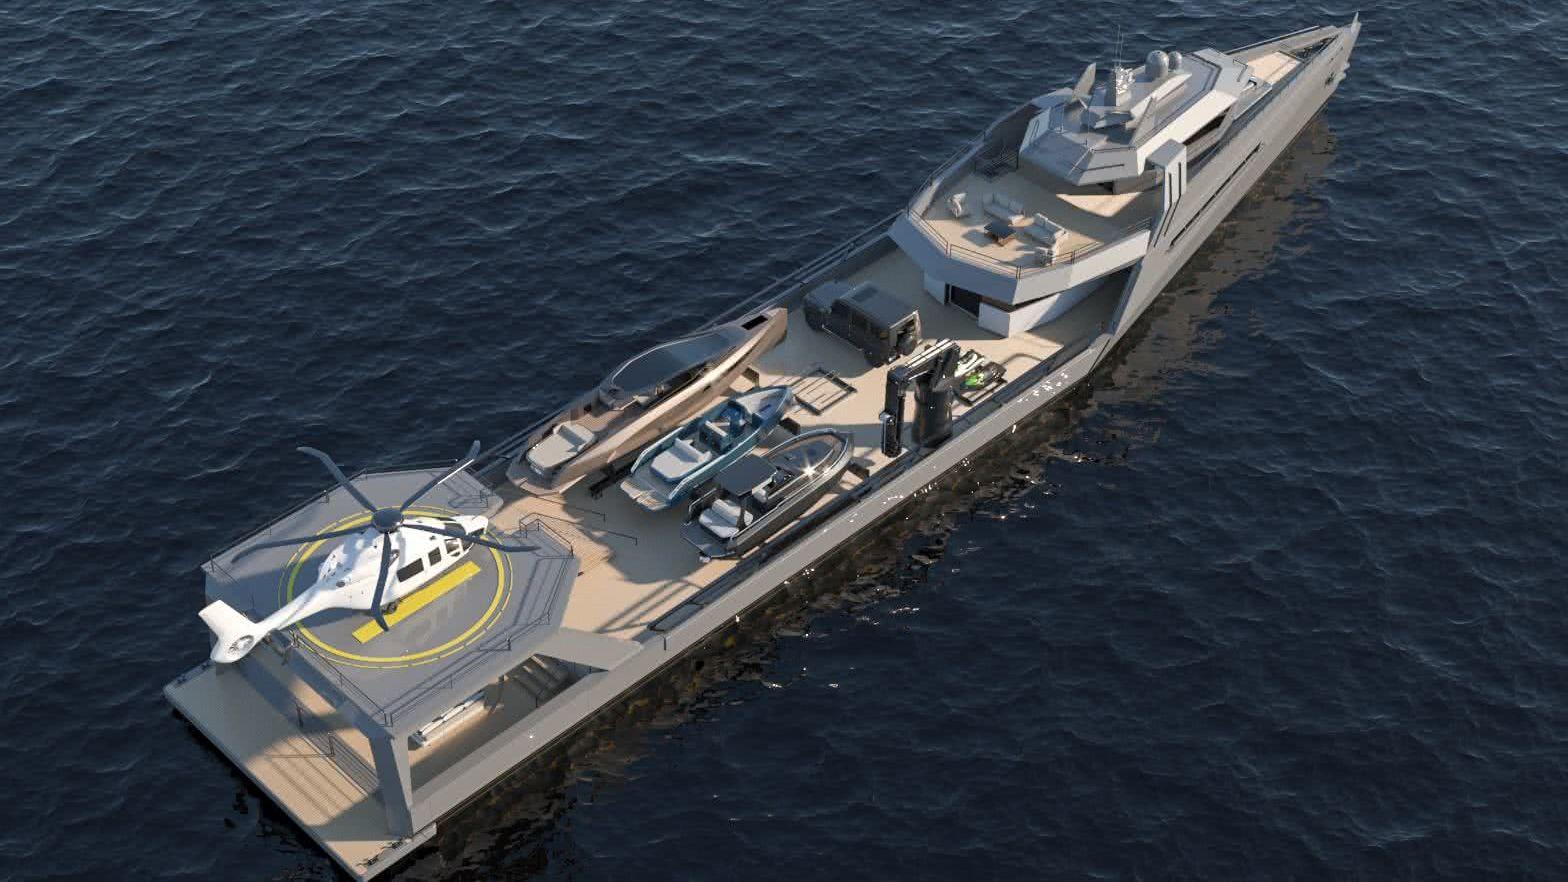 Support Yacht Bhushan Powar